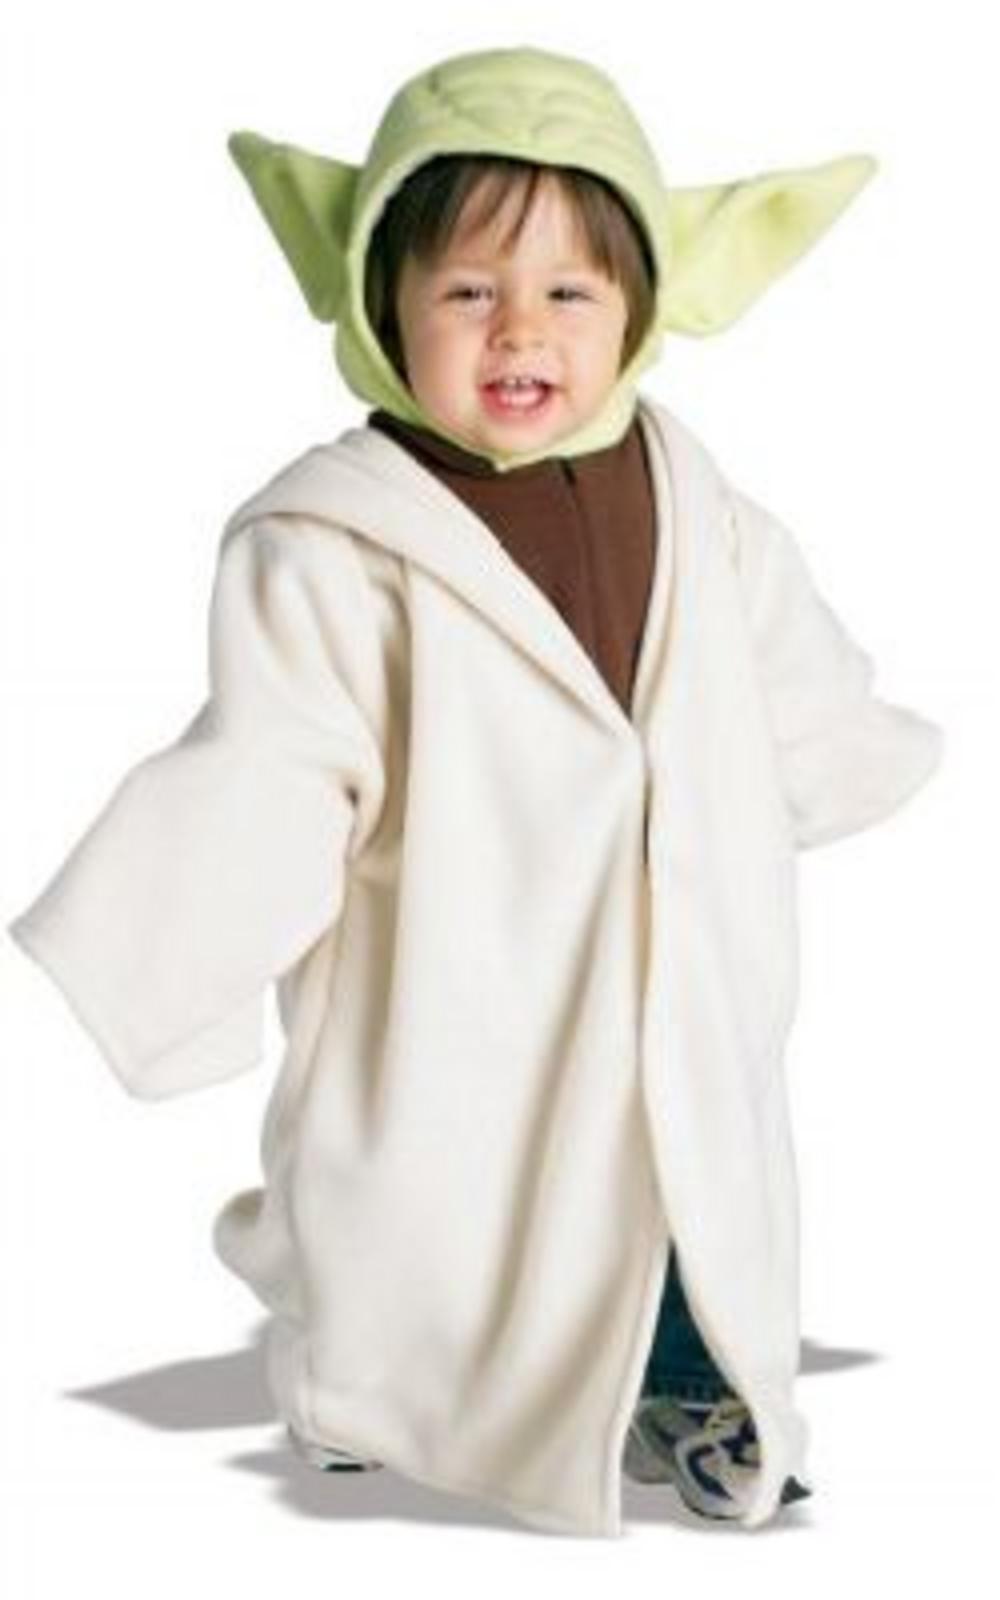 Babies Star Wars Yoda Costume